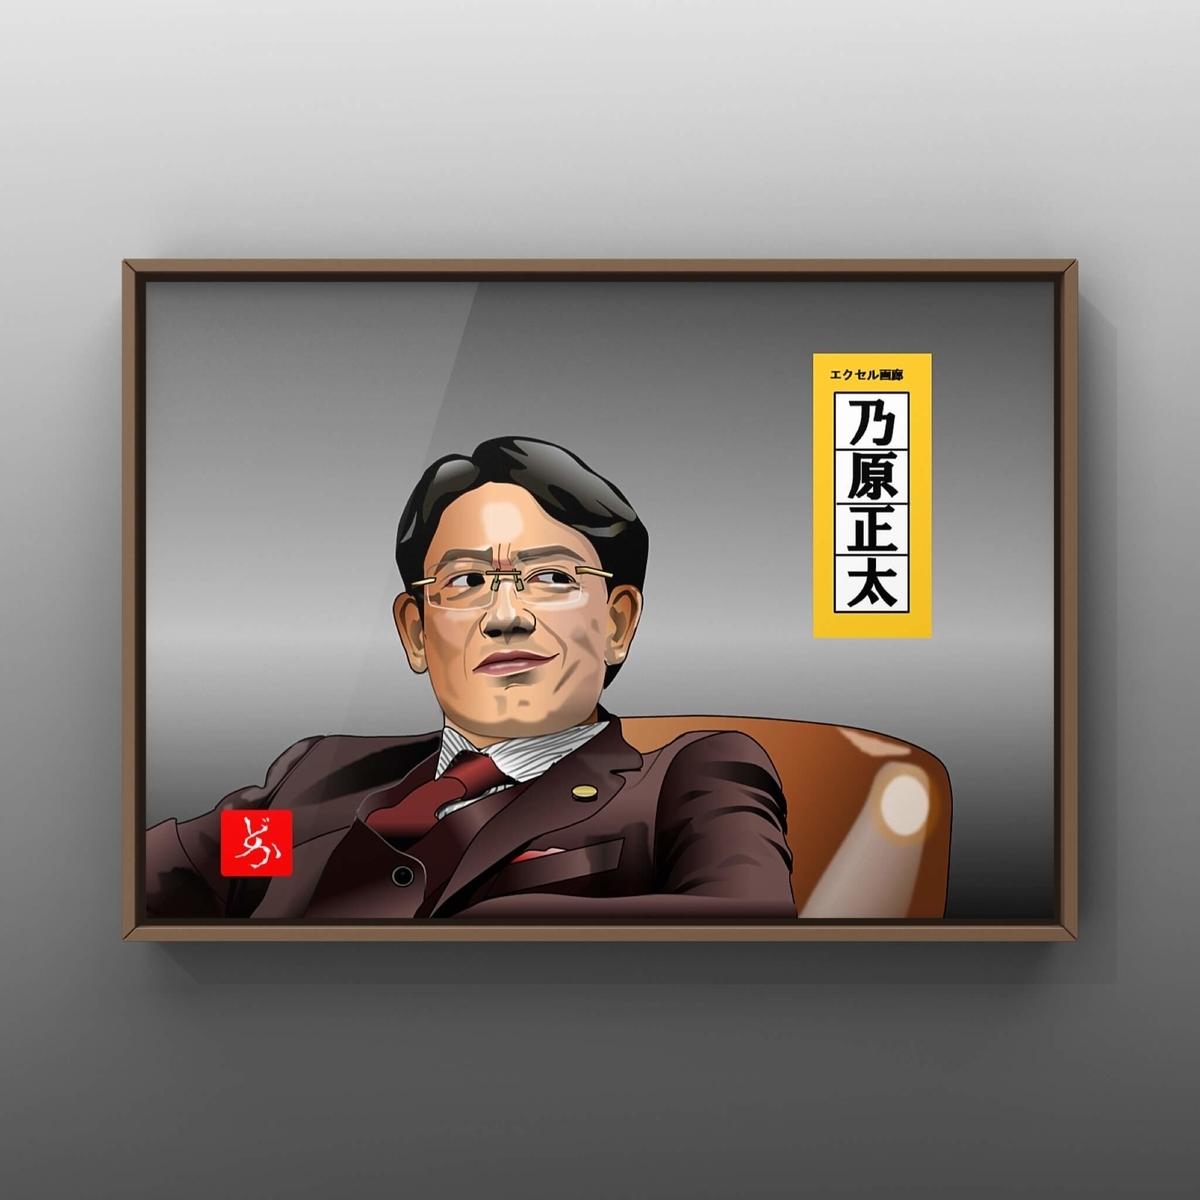 半沢直樹の乃原正太タスクフォースリーダー@筒井道隆のエクセル画イラスト額装版